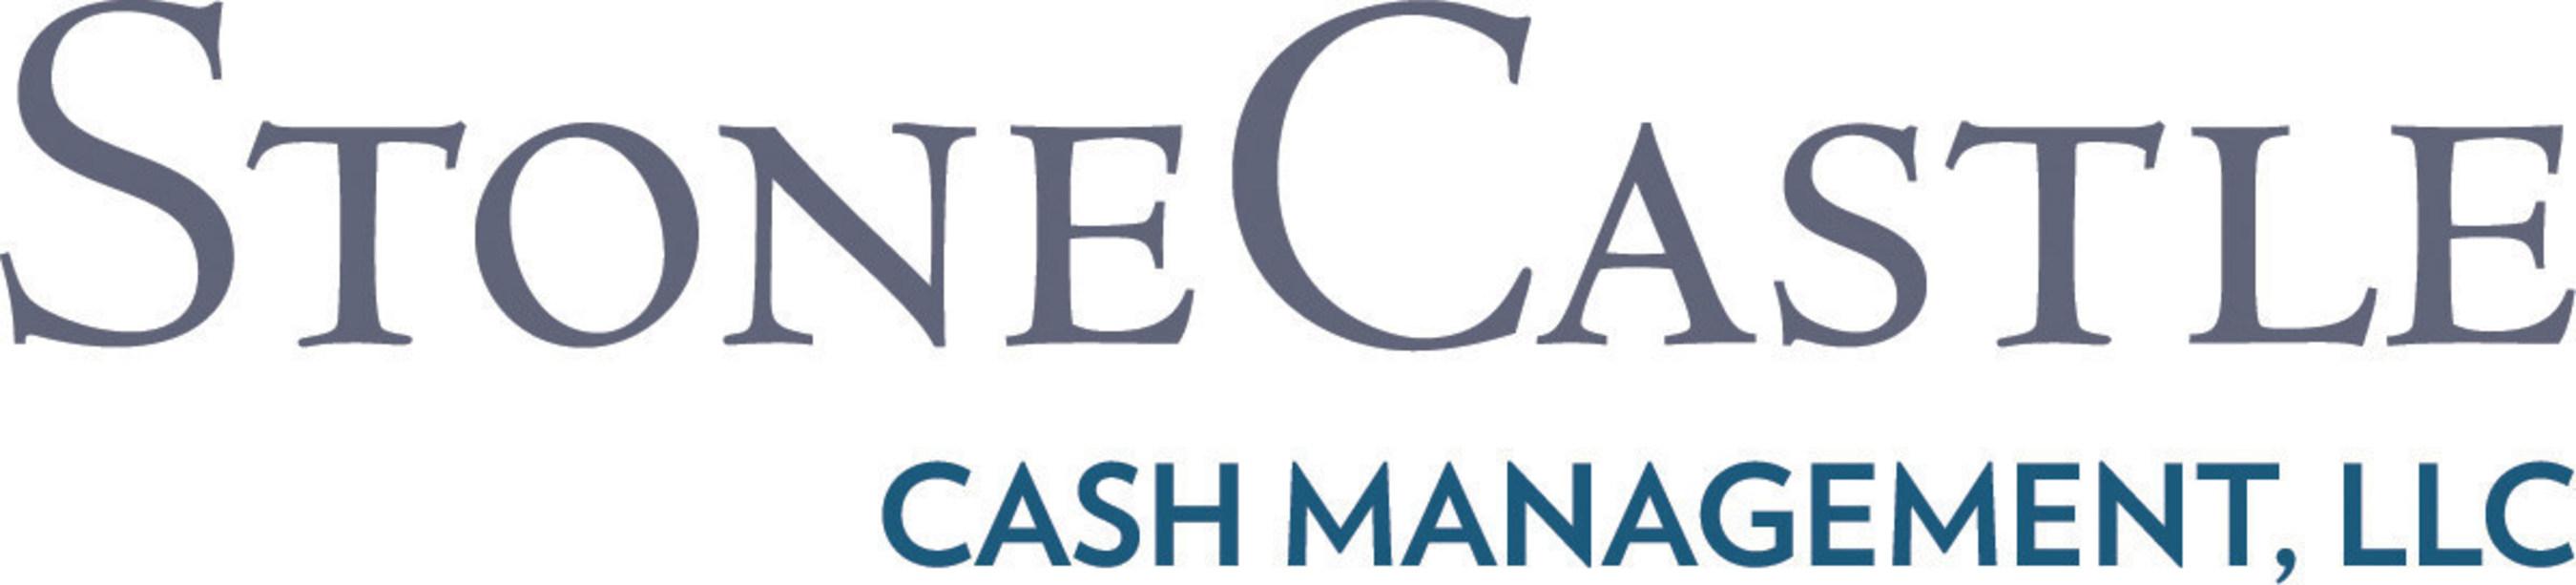 StoneCastle Cash Management, LLC